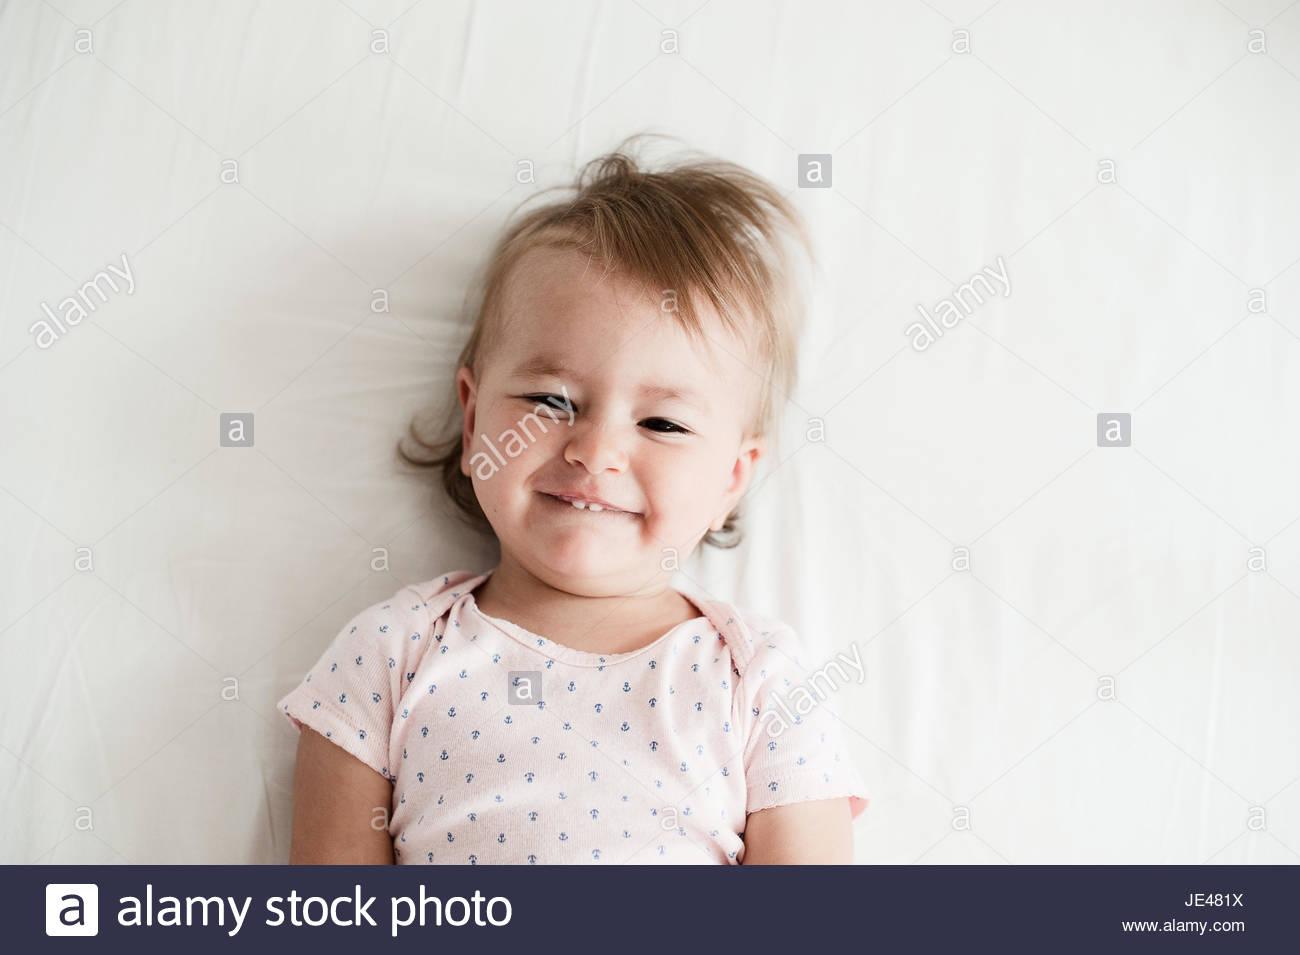 Bebé de un año de edad amable sonriendo Imagen De Stock